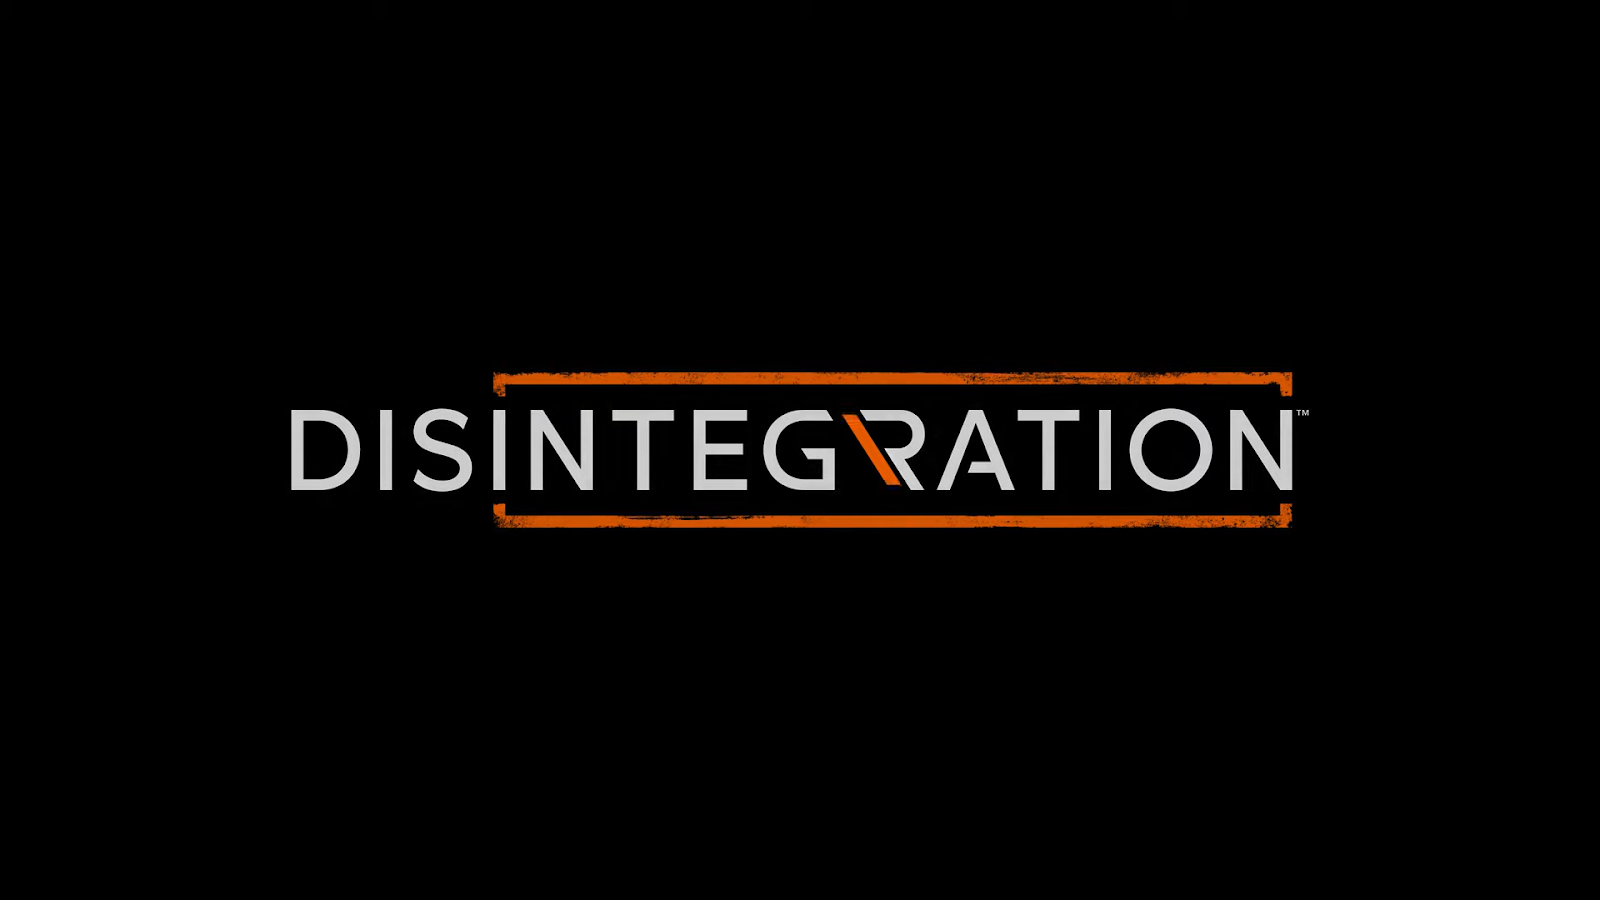 Disintegration finalmente revelado ao mundo